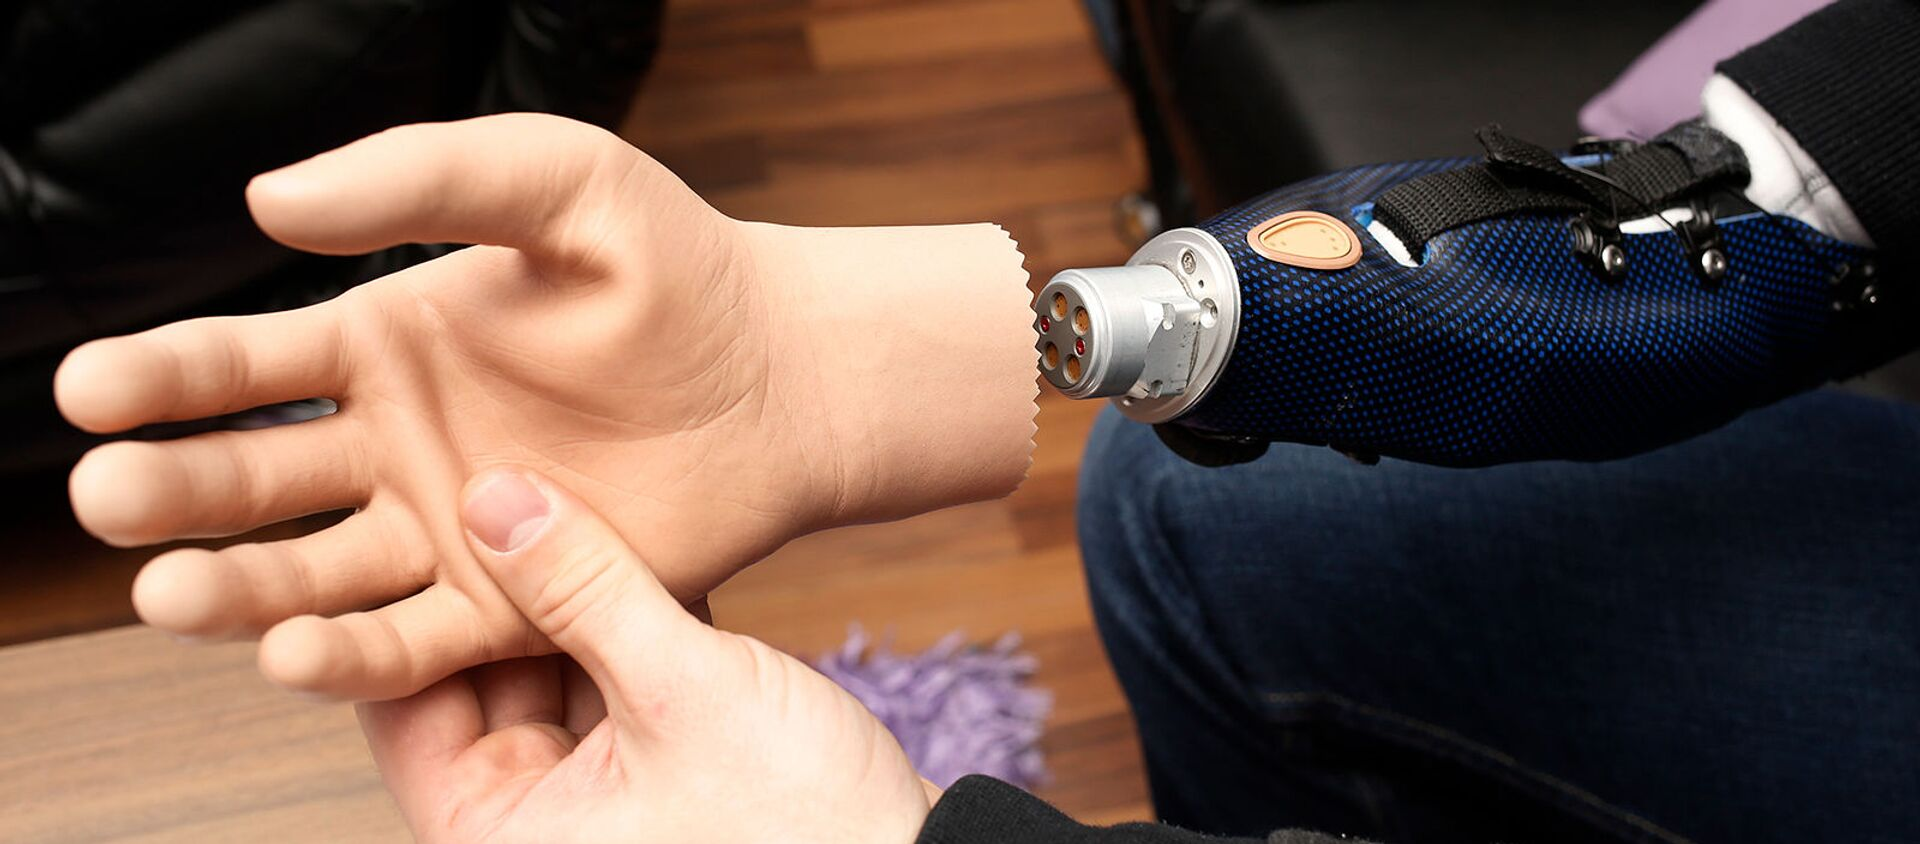 Австрийский пациент показывает свою бионическую руку (24 февраля 2015). Вена - Sputnik Армения, 1920, 31.01.2021